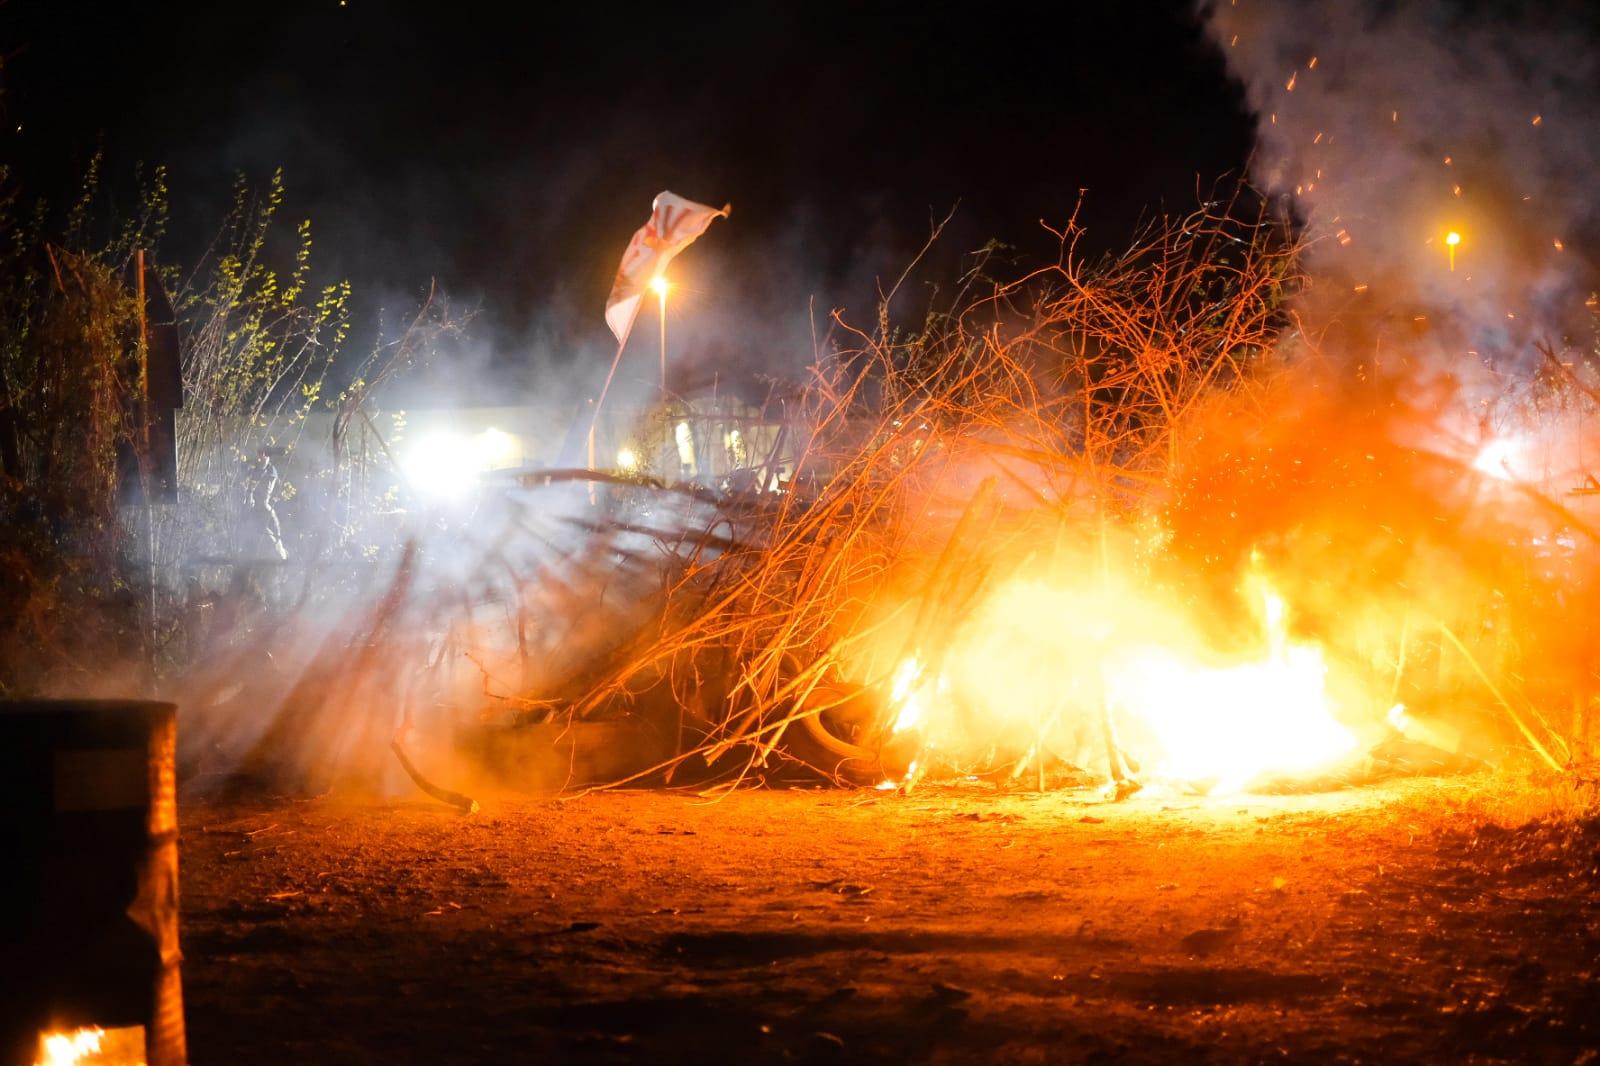 Scontri nella notte in Val Susa tra No Tav e polizia: barricate e petardi per fermare il cantiere del nuovo autoporto